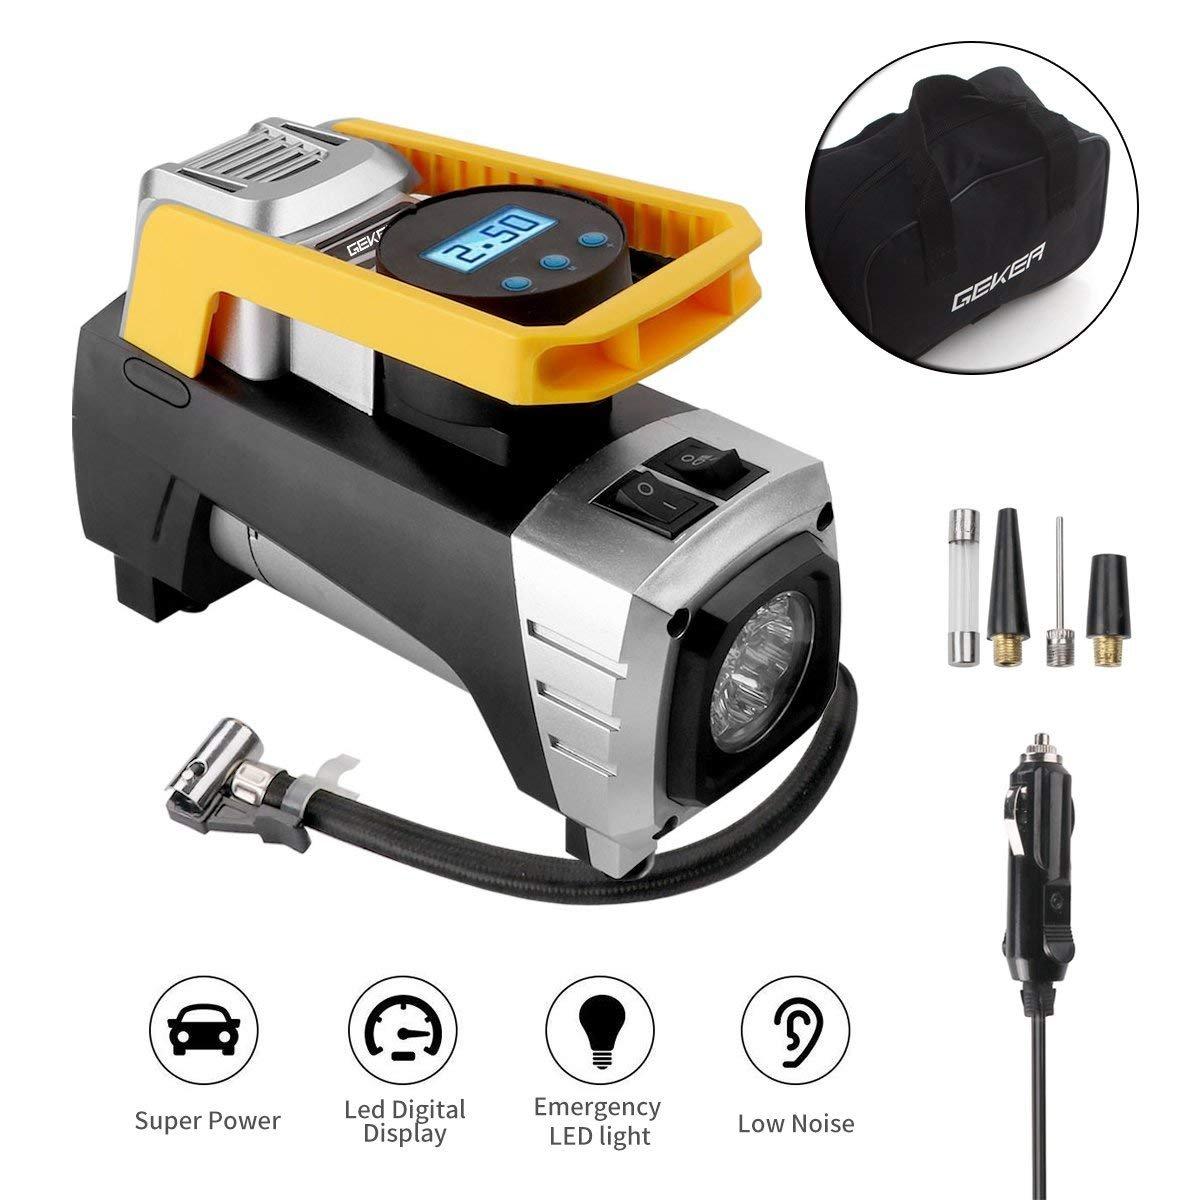 Geker Kompressor Auto 12V Luftkompressor 150 PSI/10bar Luftpumpe mit LCD-Anzeige und LED Lampe Reifenpumpe Digital Mini Tragbare Kompressor Inflator für Auto, Fahrräder, Ball